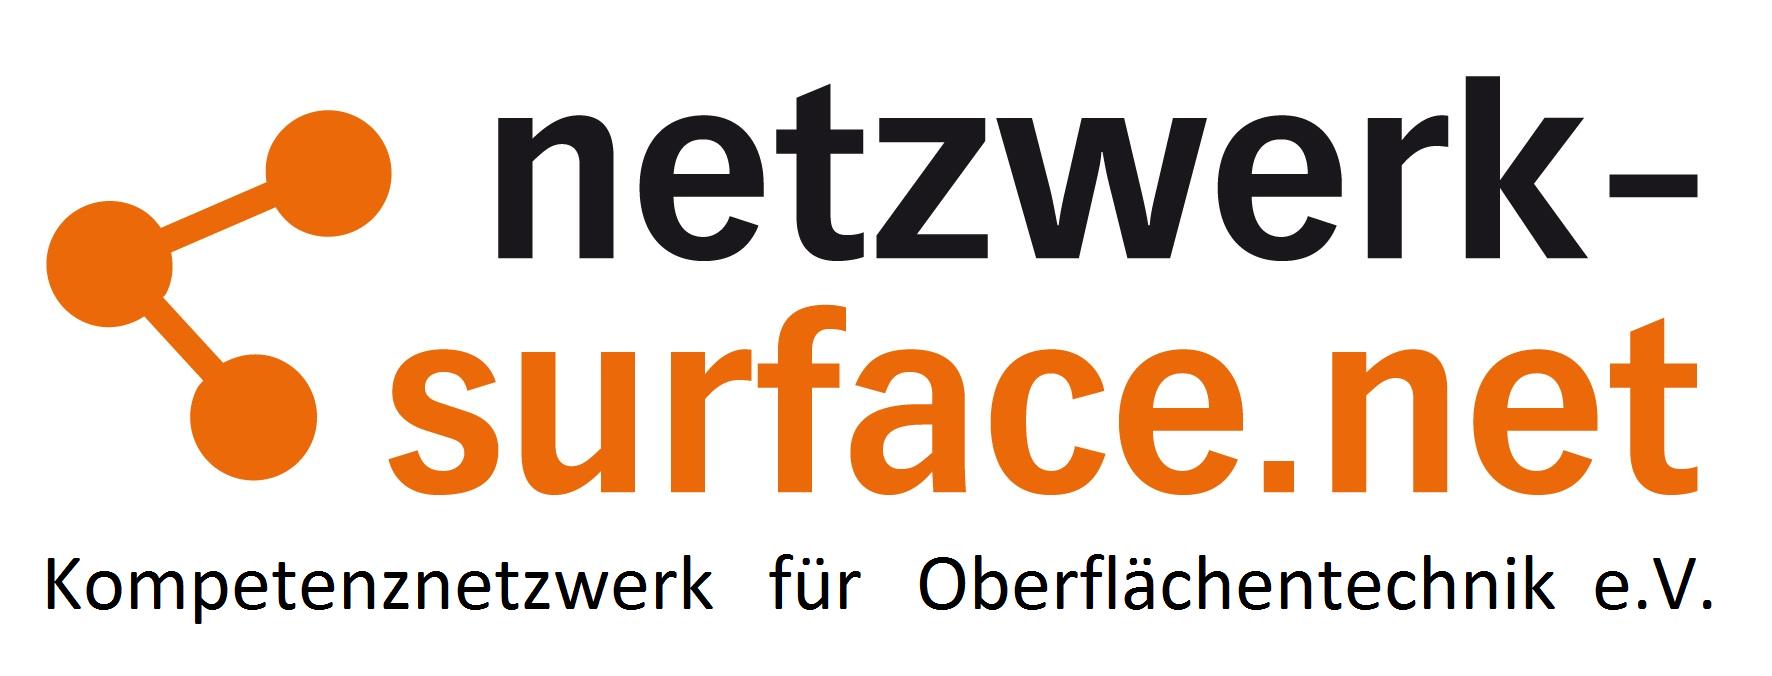 Kompetenznetzwerk für Oberflächentechnik e. V.